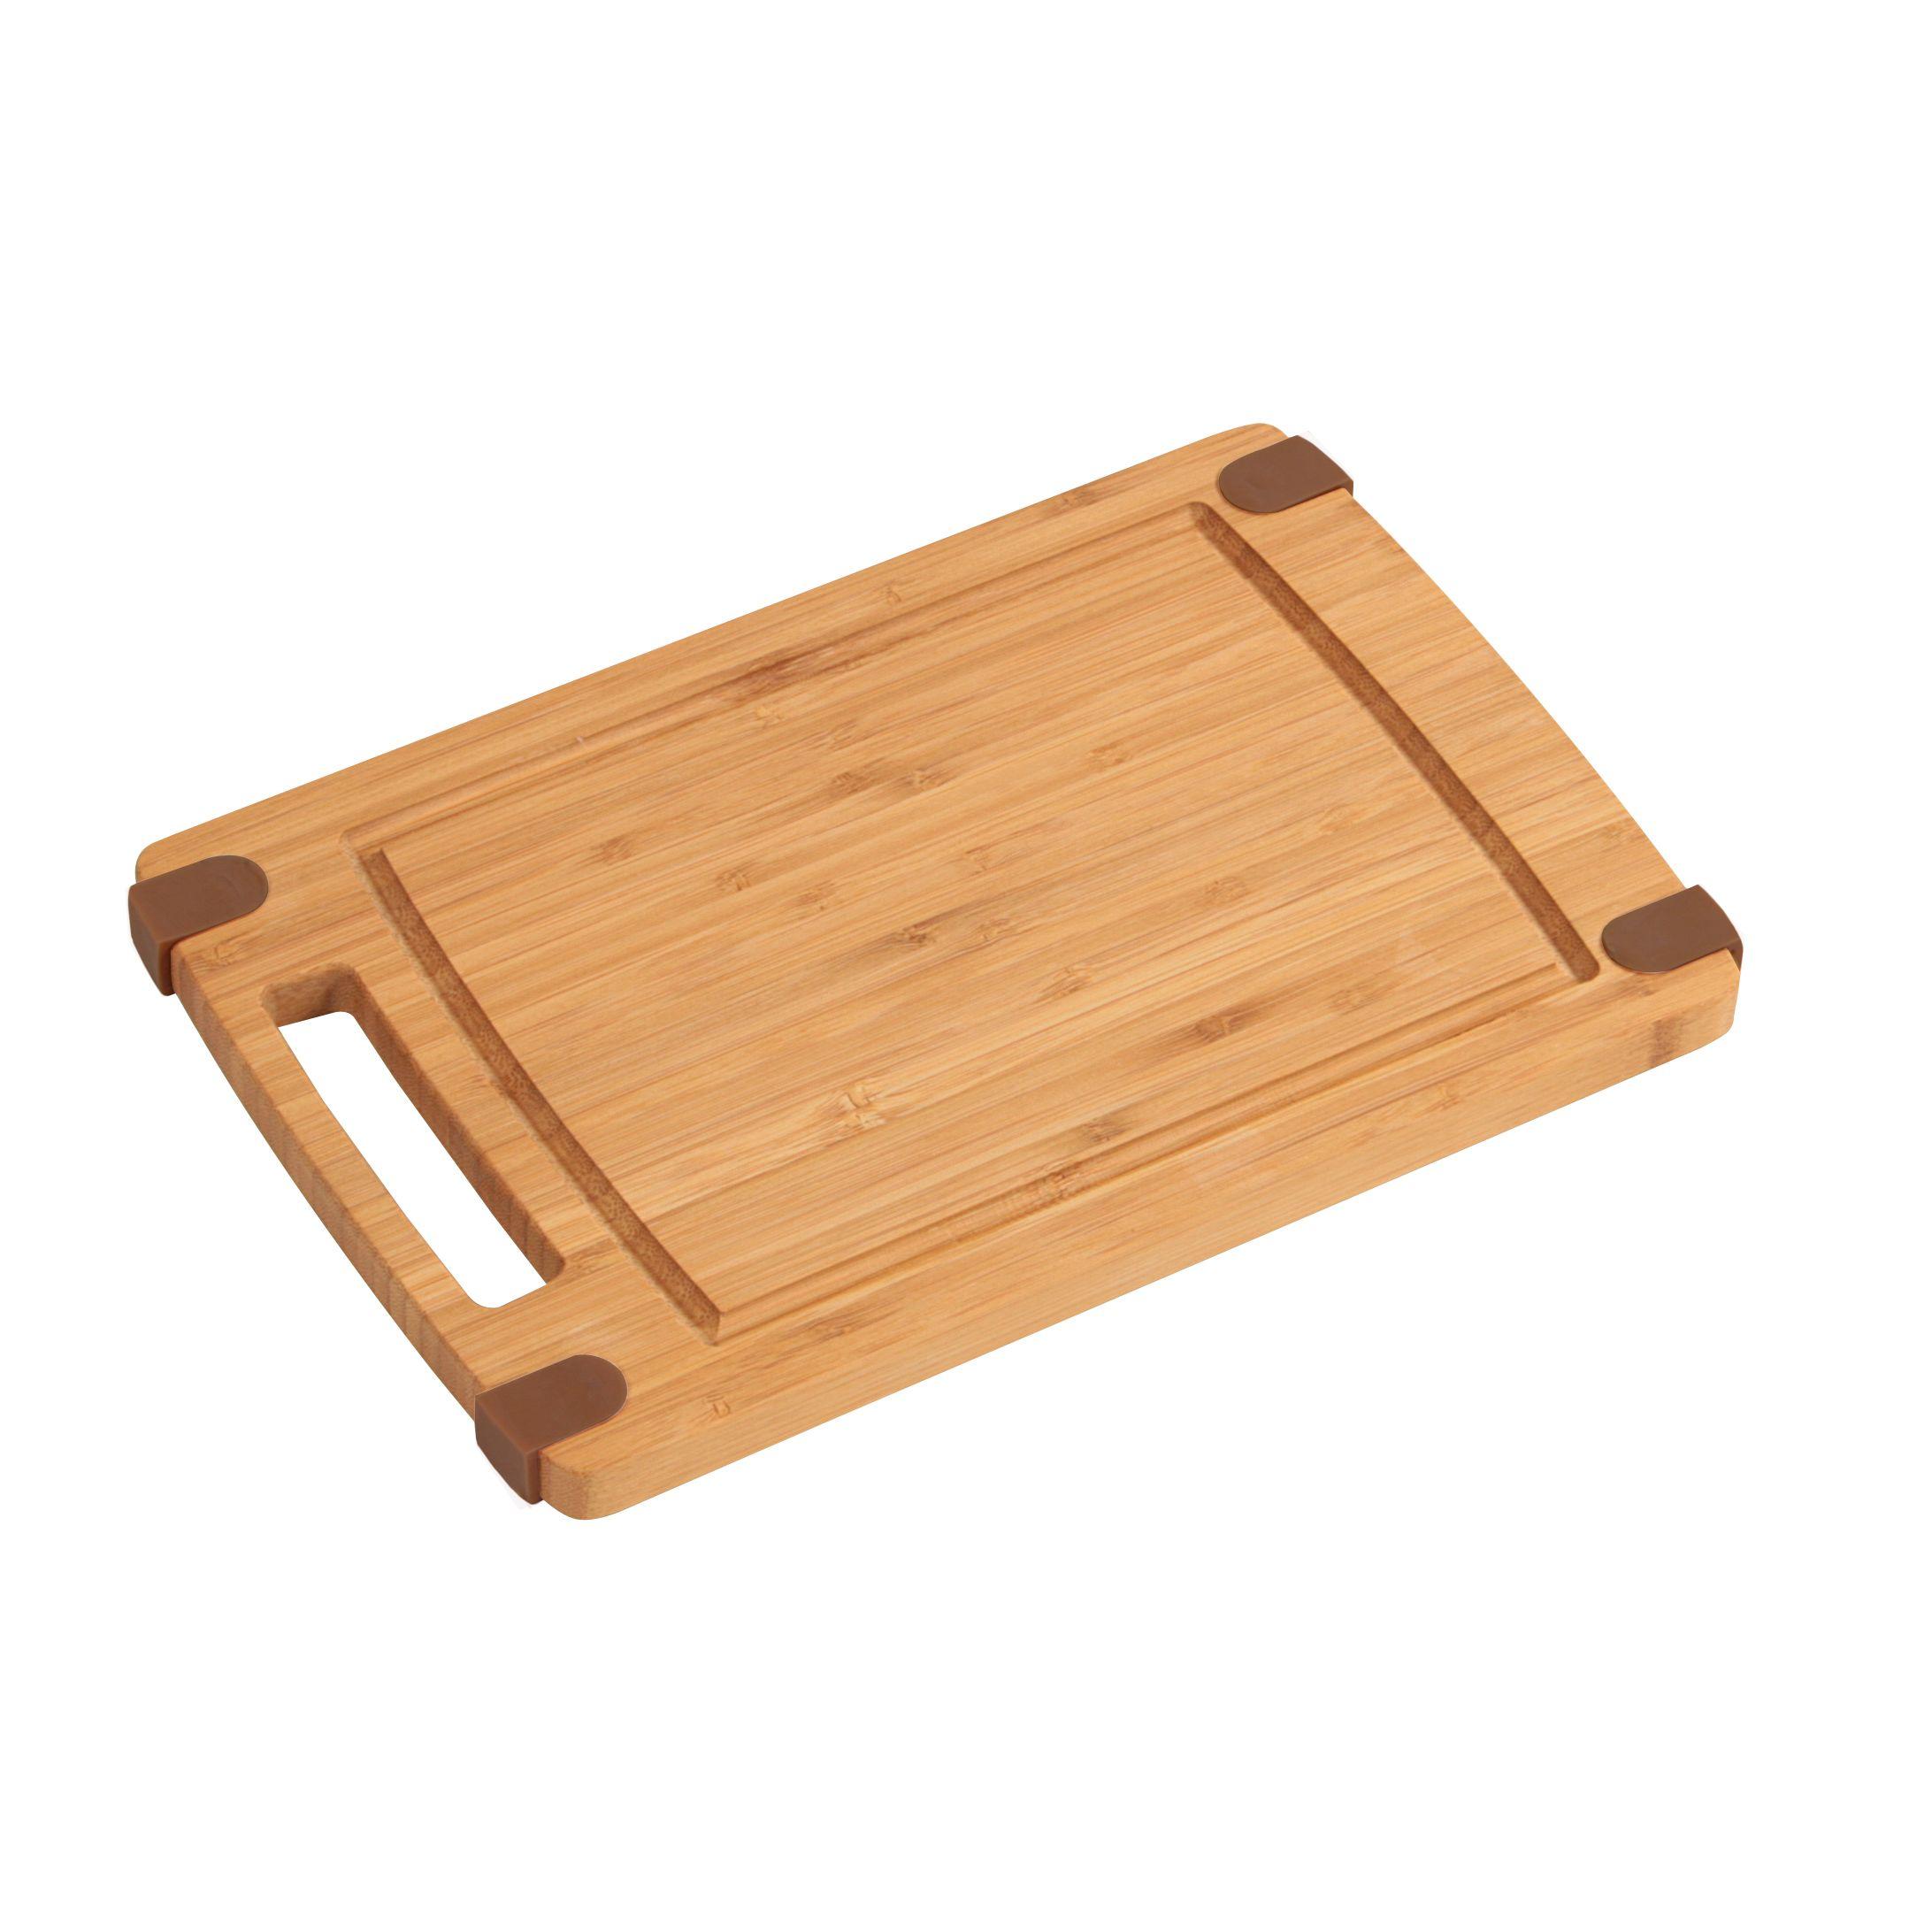 Доска разделочнаяДоска разделочная Кеспер – отличный выбор для любой кухни, поскольку она изготовлена из натурального бамбукового дерева. Такое решение позволит сохранить остроту металлических ножей. Разделывать большинство продуктов значительно удобнее на деревянной поверхности, чем на металлической или пластиковой. Доска Кеспер – оптимальный выбор для разделки мяса и овощей. Это экологичное изделие, за которым просто ухаживать. Деревянная доска эстетично выглядит и может служить украшением интерьера кухни.<br>